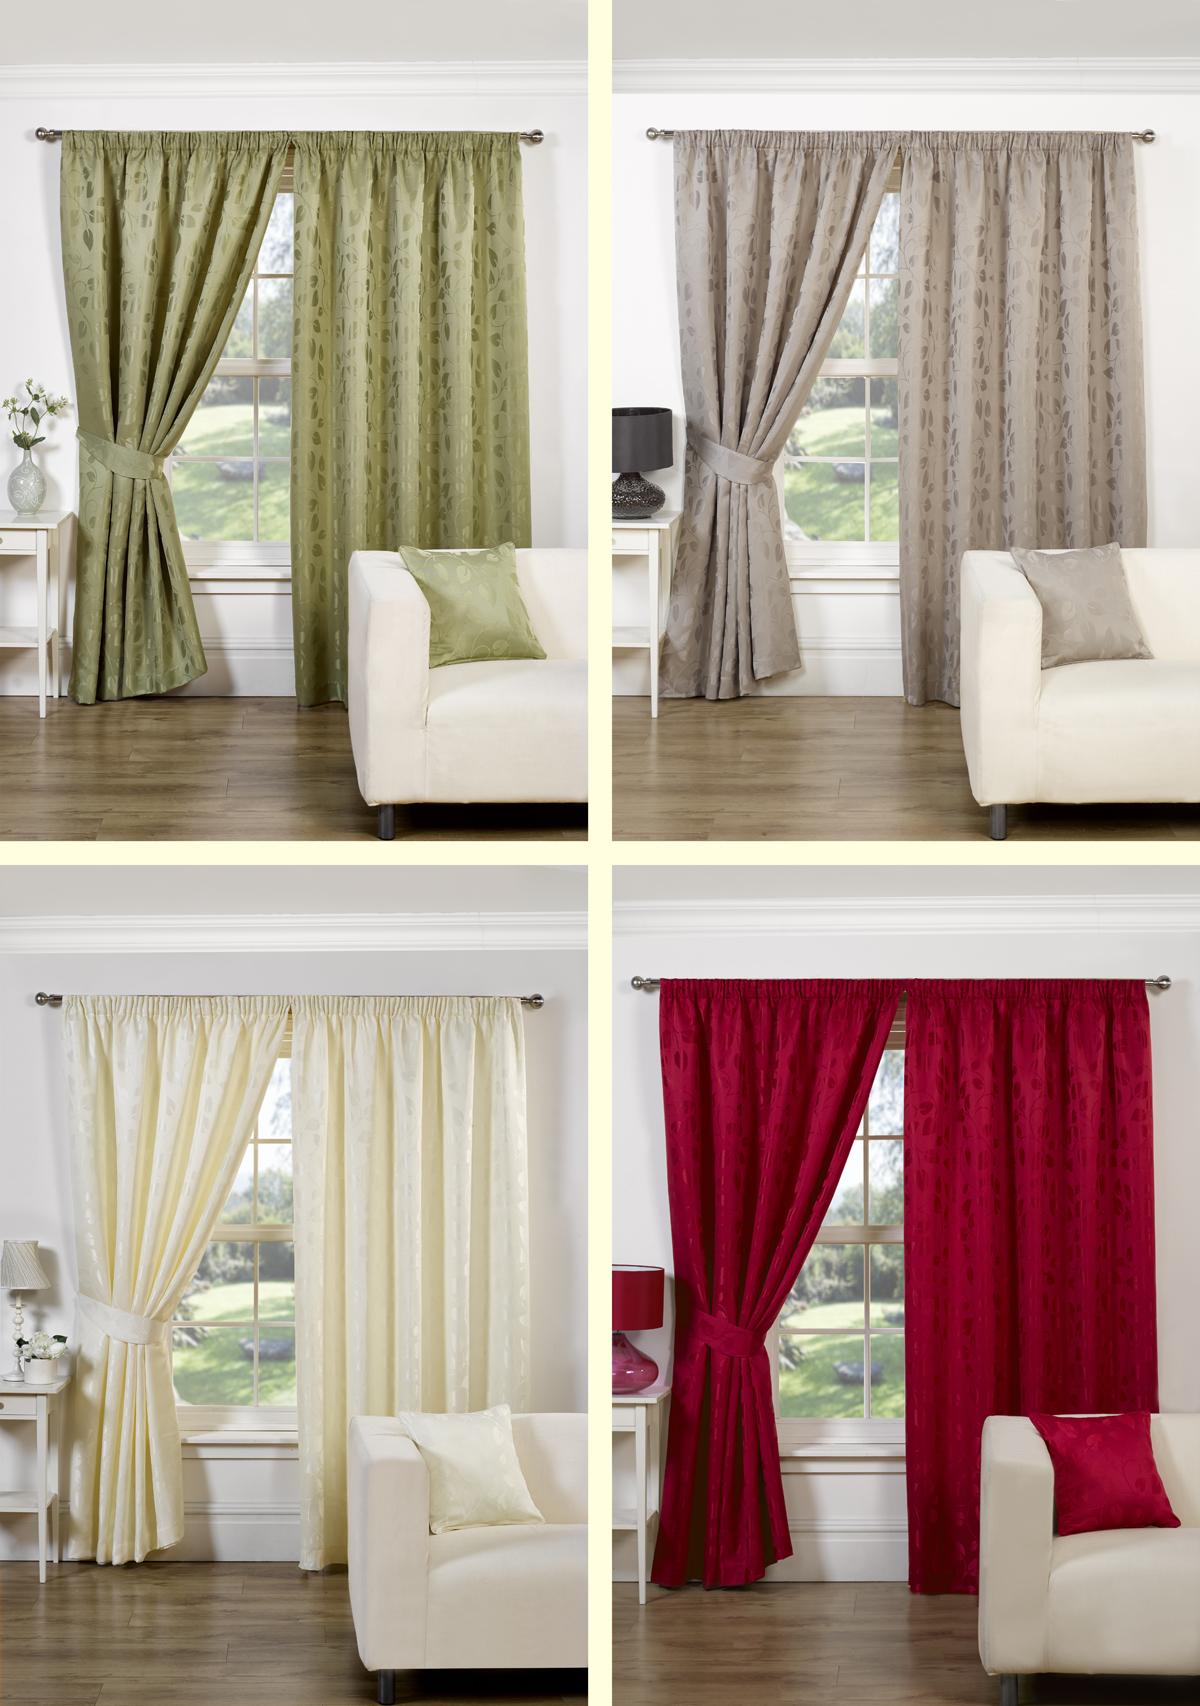 rideaux doubles pr ts emploi avec embrasses vaste gamme de couleurs ebay. Black Bedroom Furniture Sets. Home Design Ideas